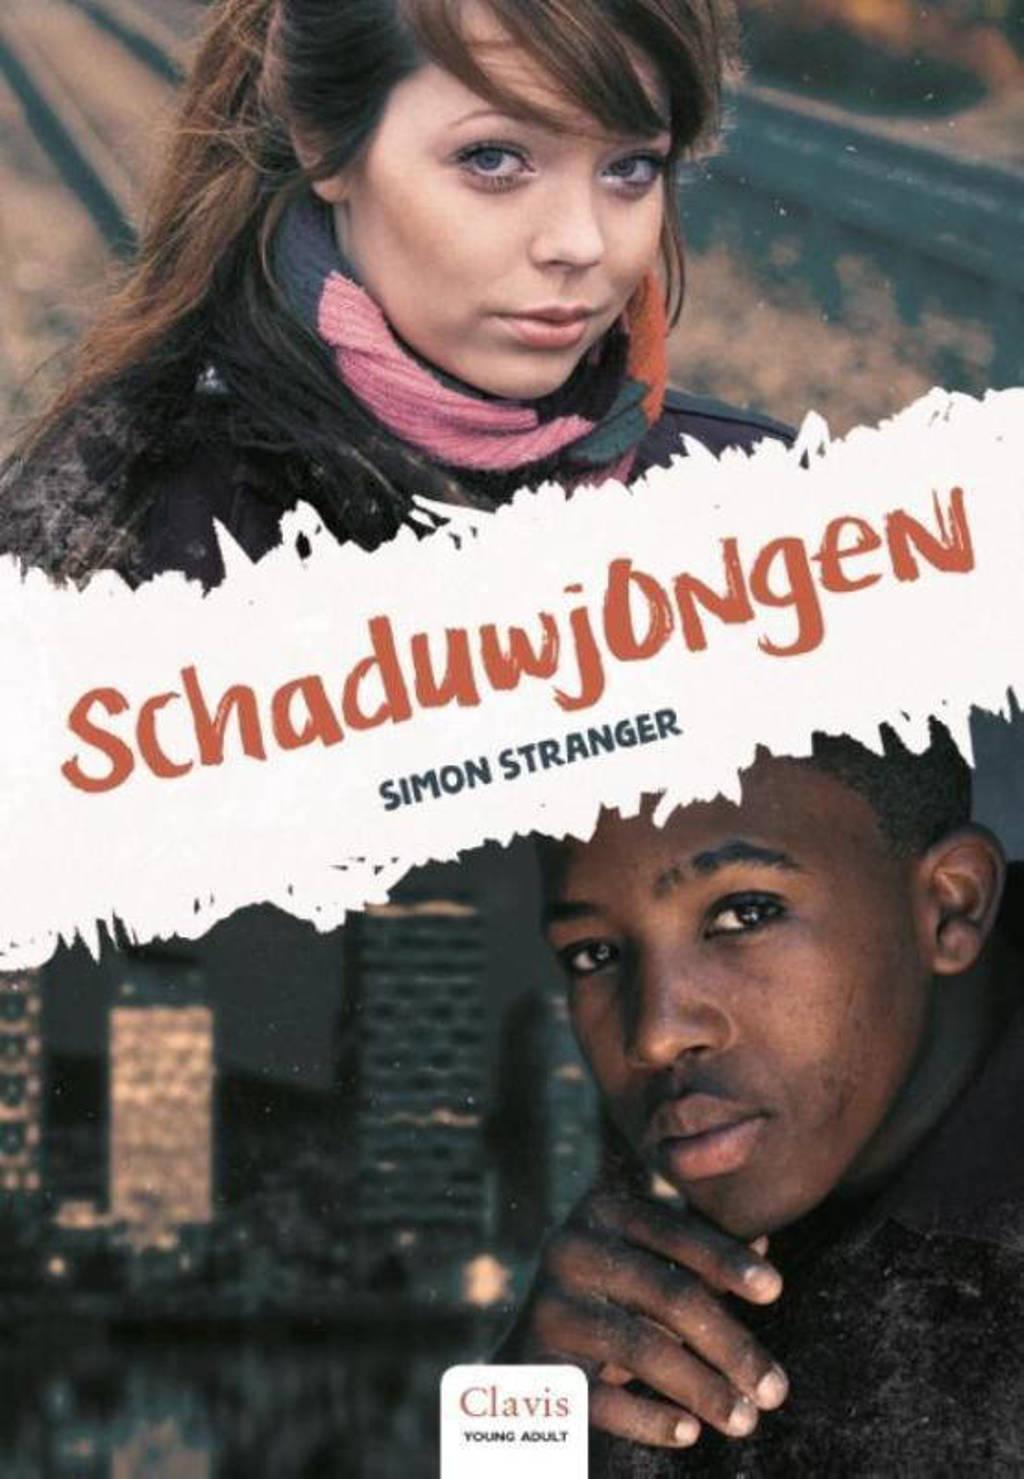 Schaduwjongen - Simon Stranger